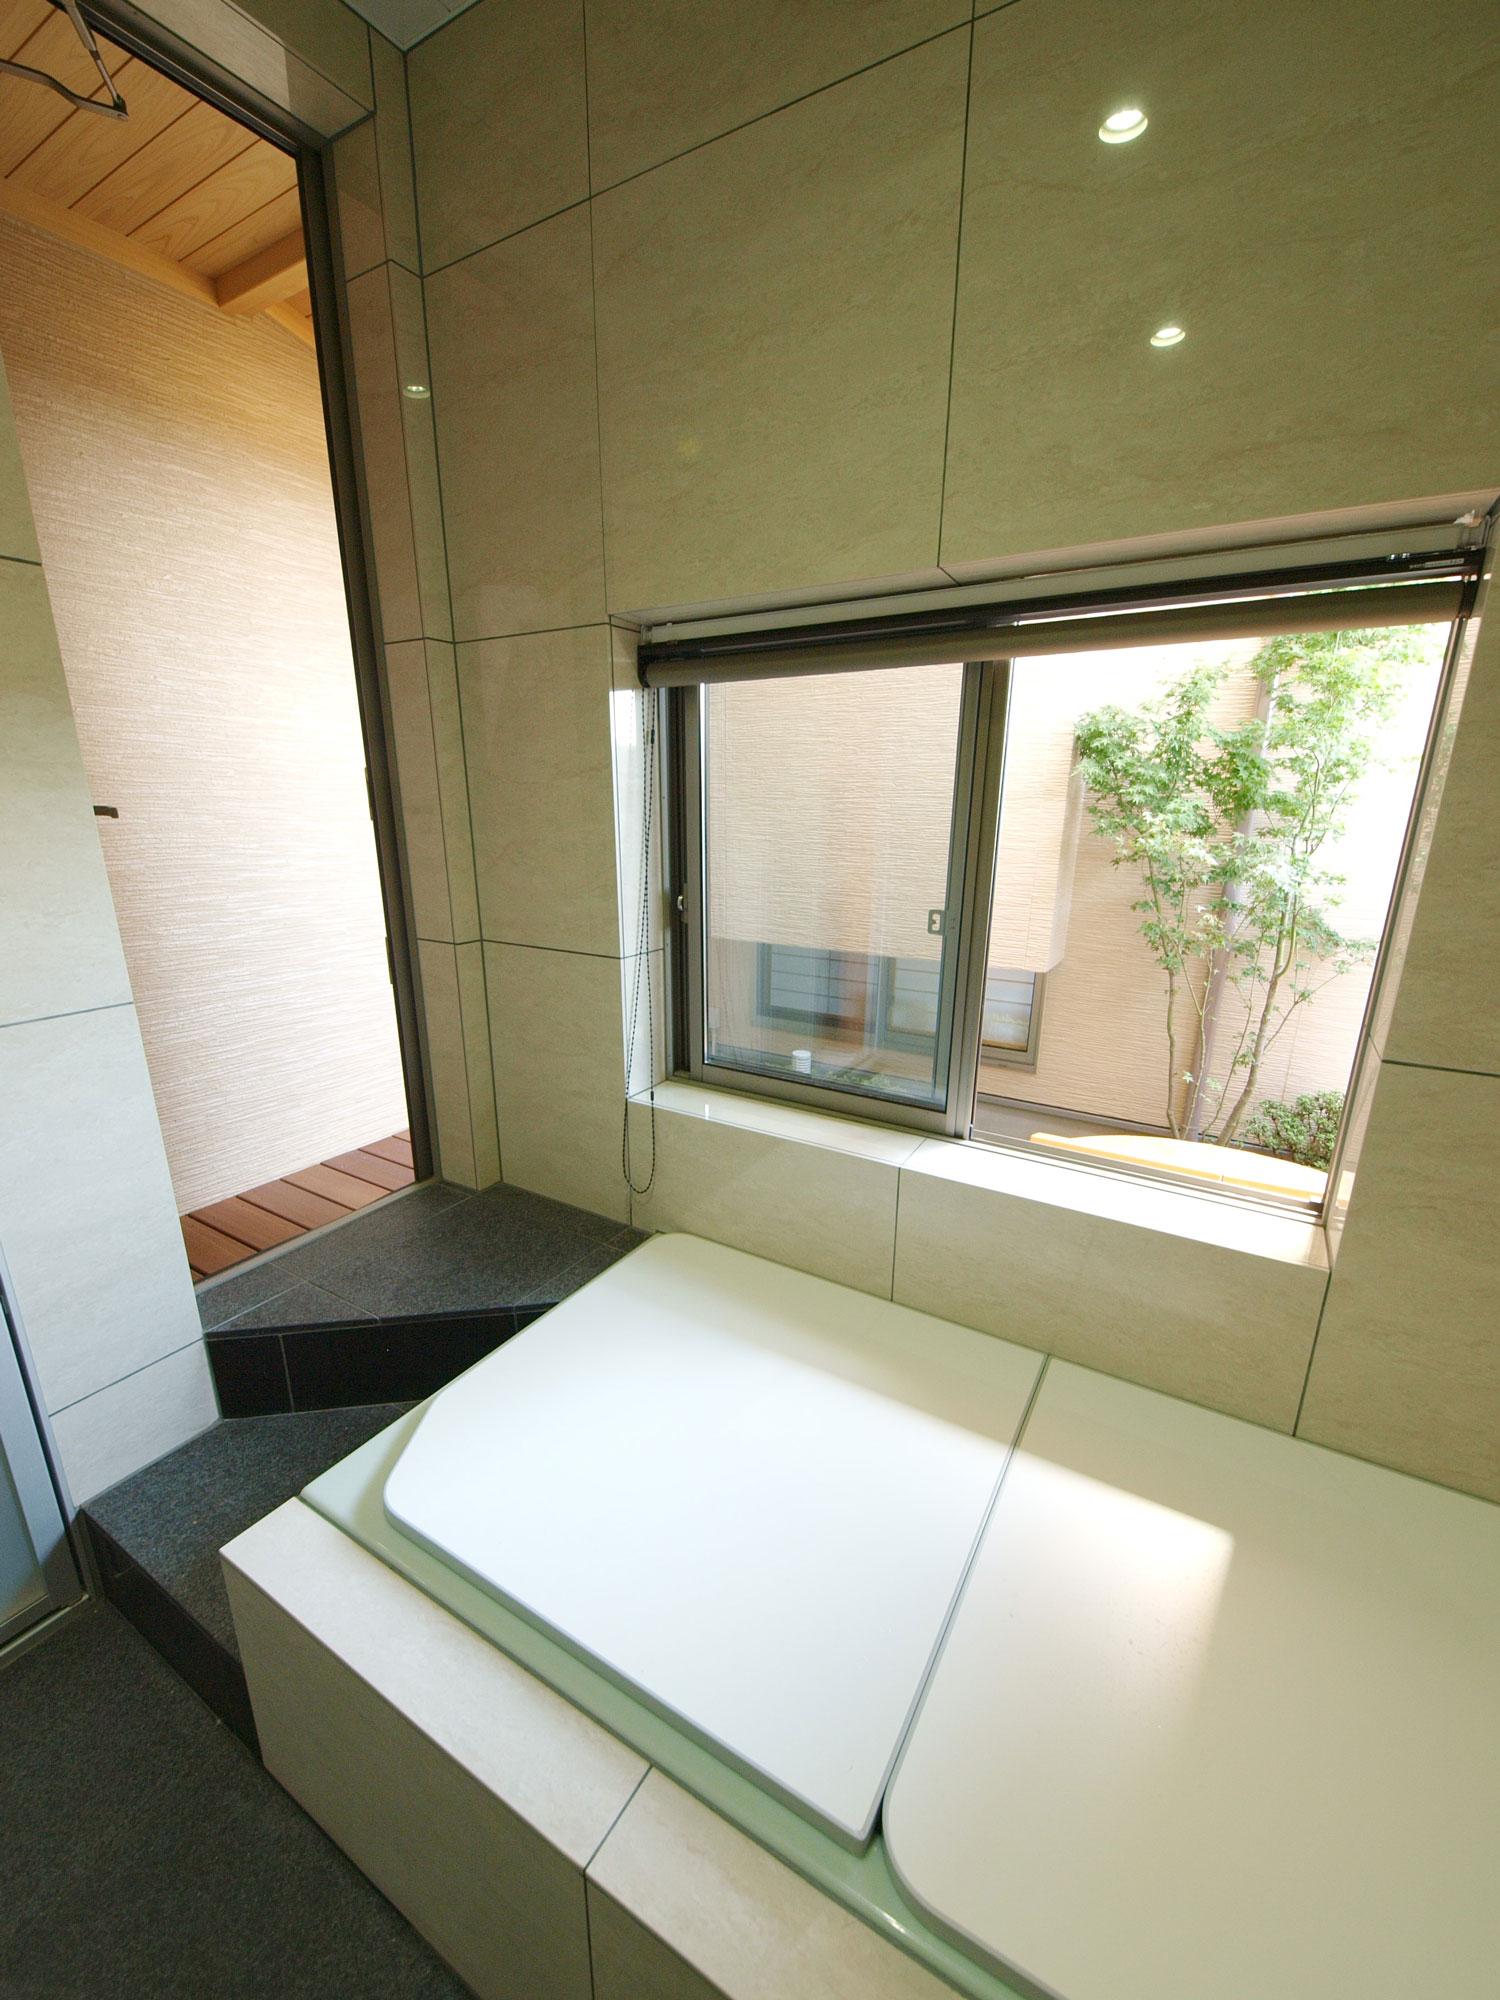 岩田建築【デザイン住宅、趣味、高級住宅】2坪近くある広いタイル張りの浴室。中庭に出られるドアがありここから露天風呂へ